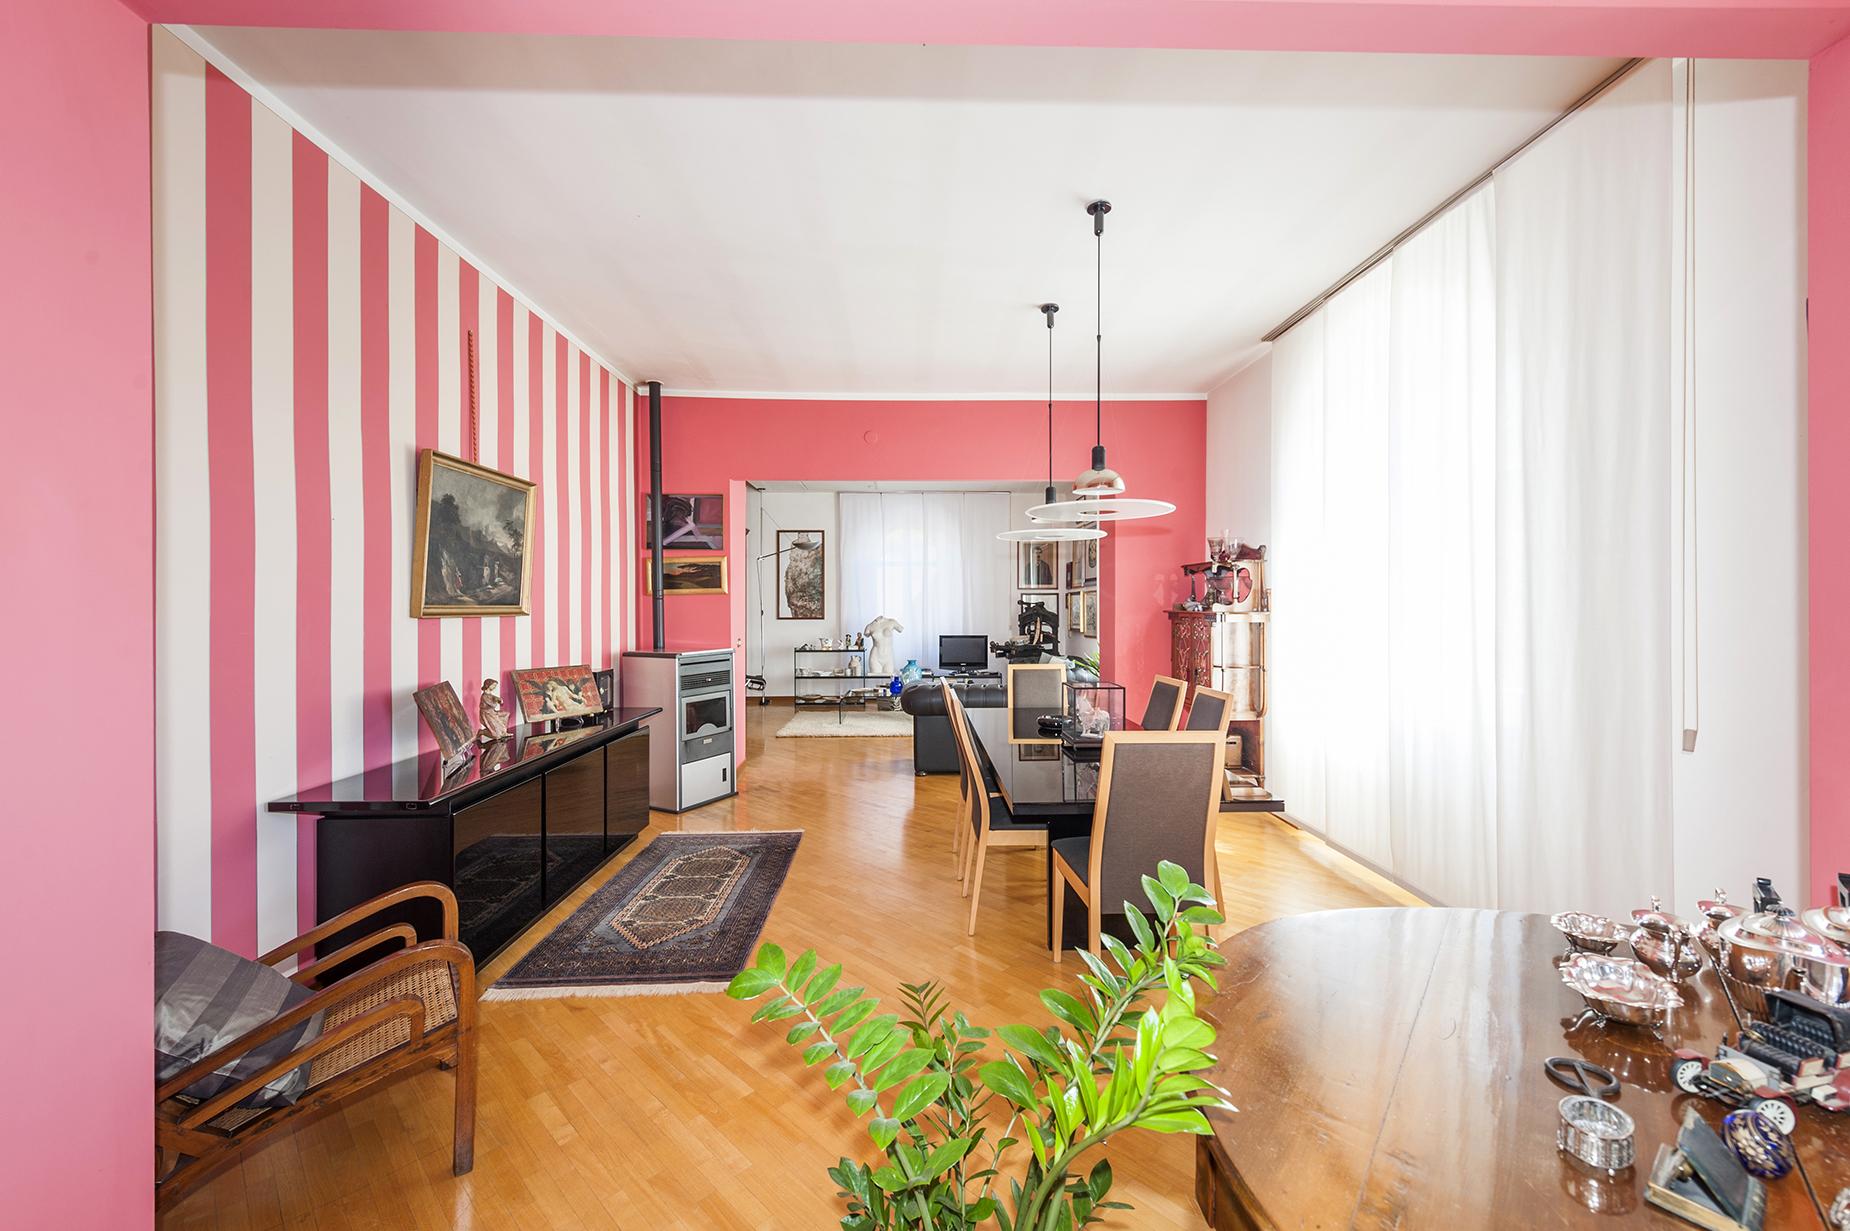 Casa indipendente in Vendita a Sorano: 5 locali, 230 mq - Foto 6